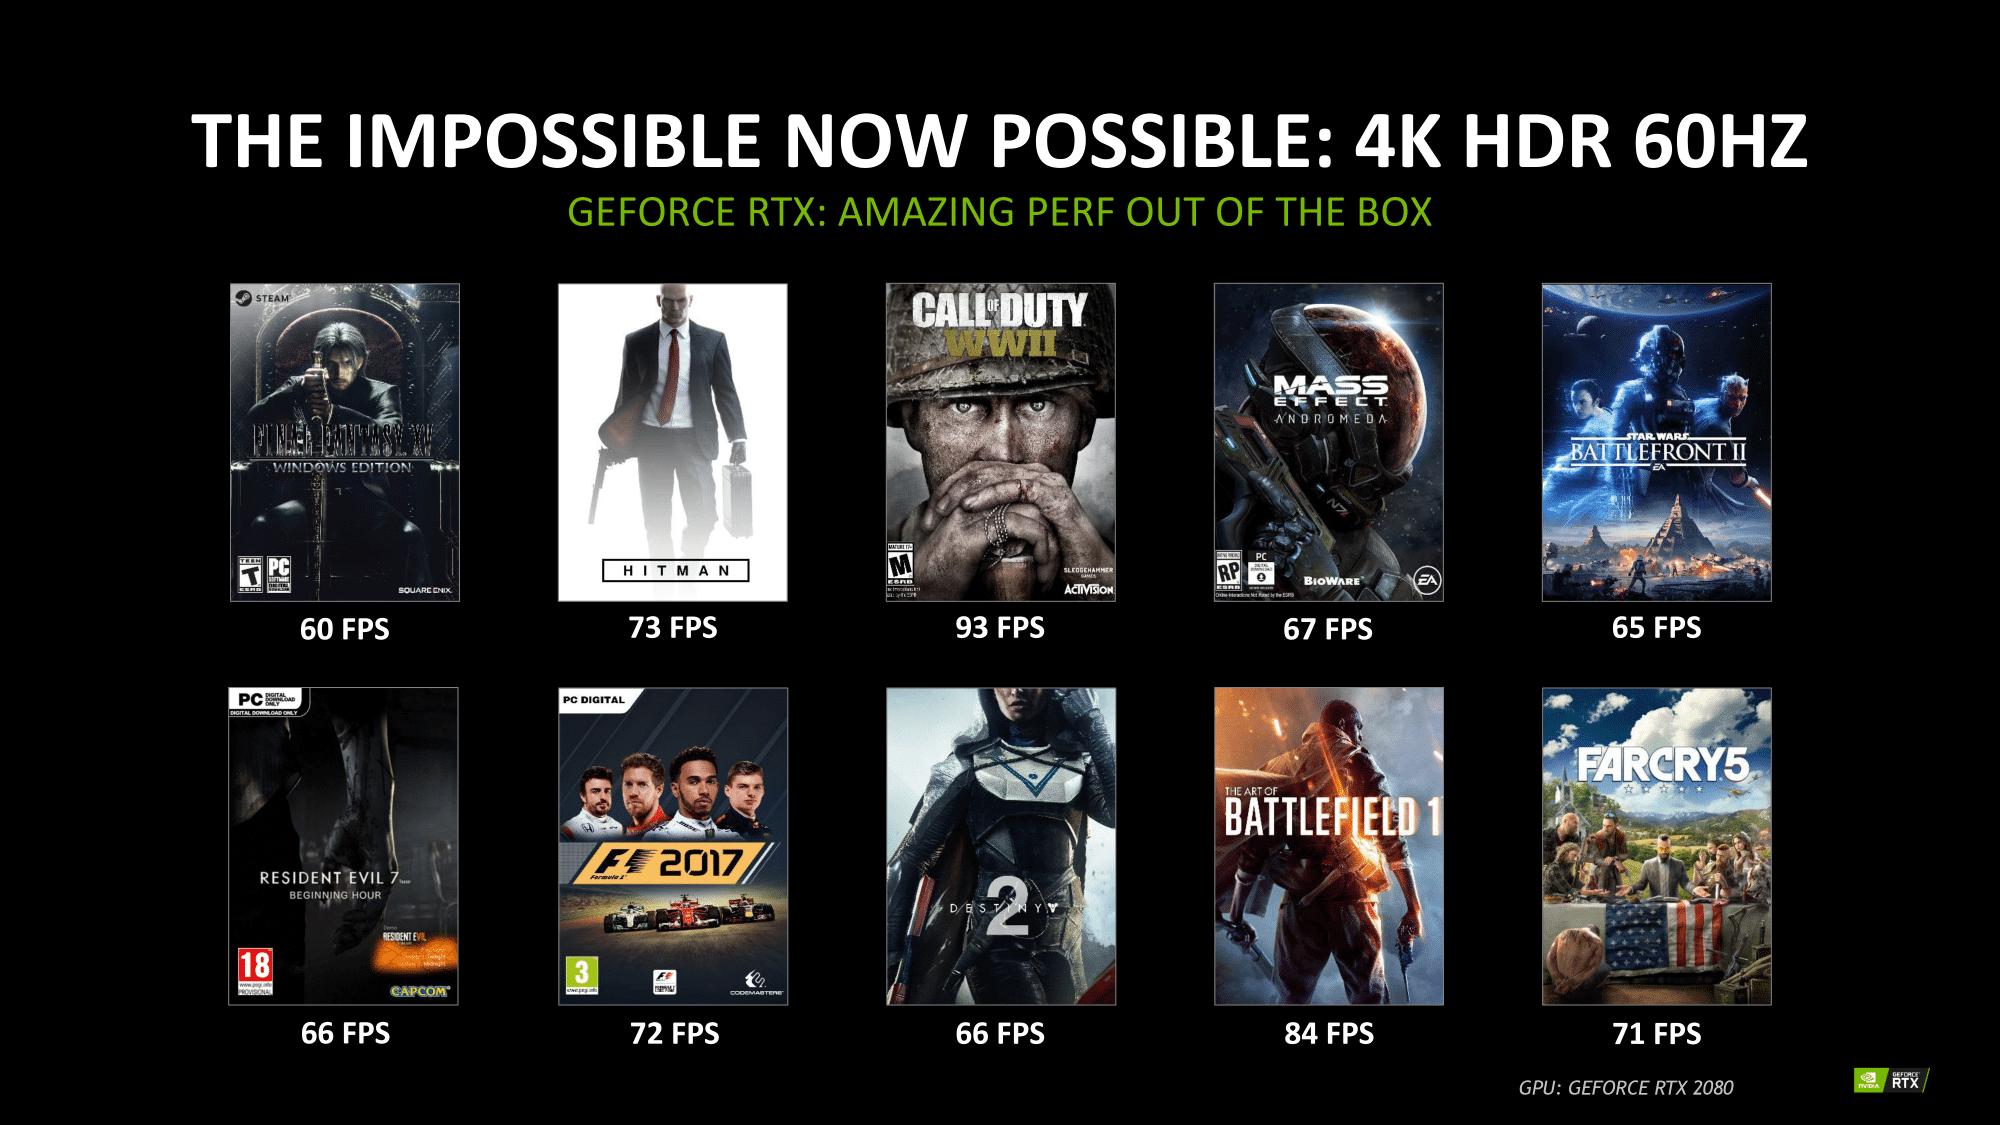 Die GeForce RTX 2080 soll aktuelle Spiele in 4K mit 60 fps darstellen. Zu den genauen Grafikeinstellungen macht Nvidia keine Angaben.